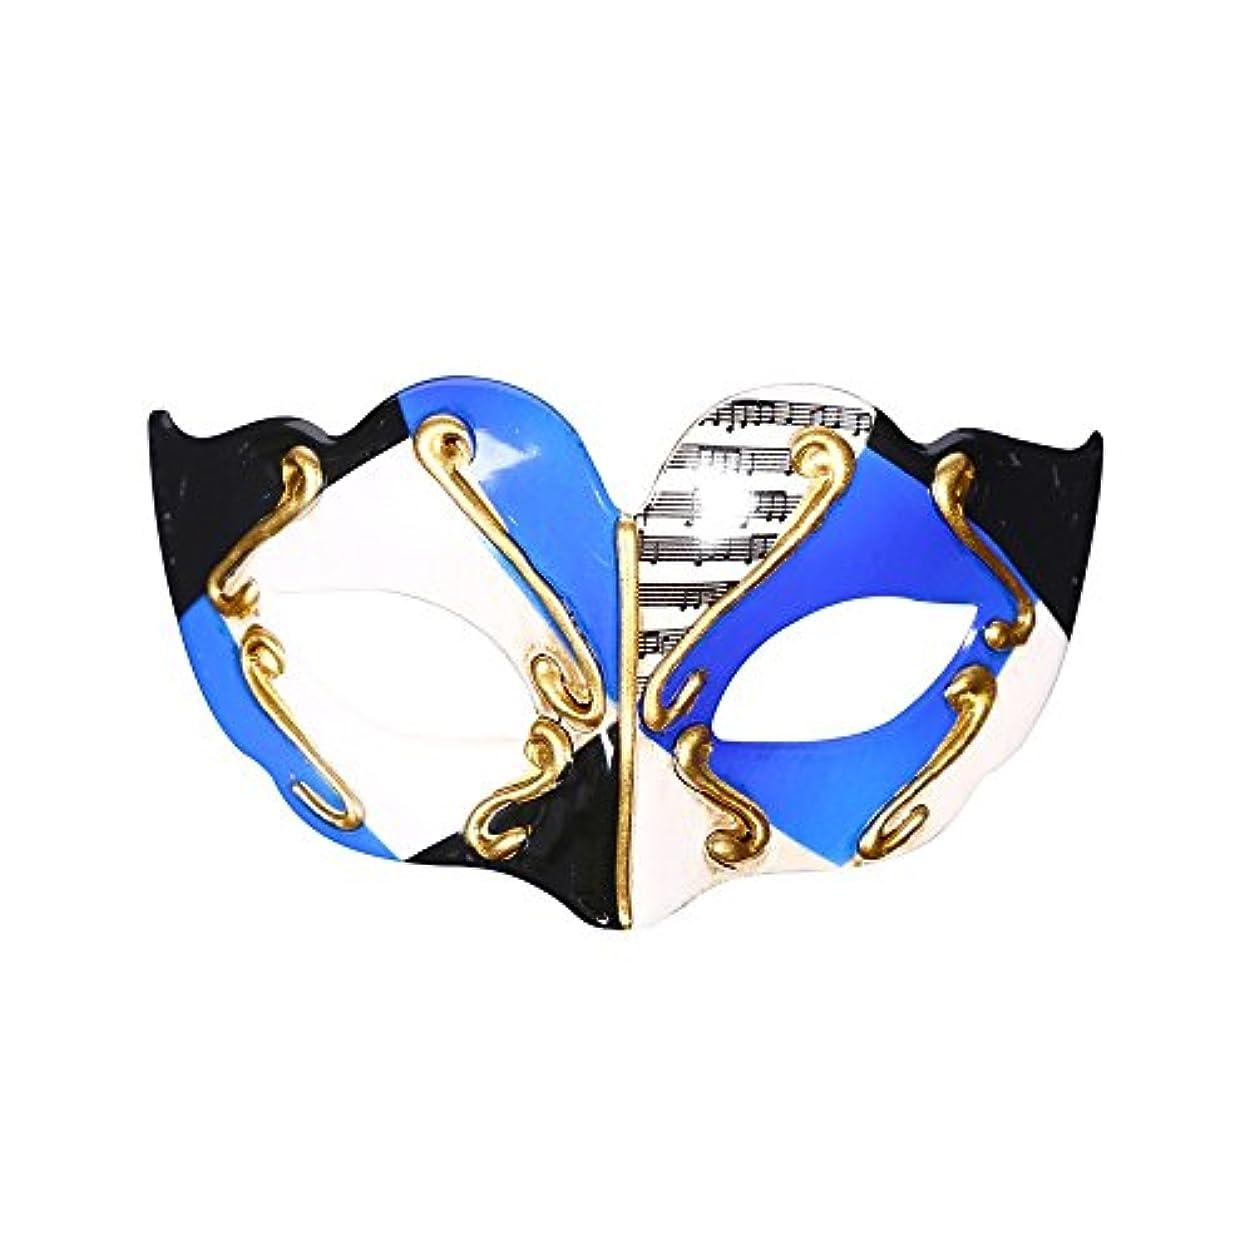 乳白色対処する触手ハロウィーン仮装マスクフラットヘッドハーフフェイスハードプラスチック子供用マスク (Color : #1)